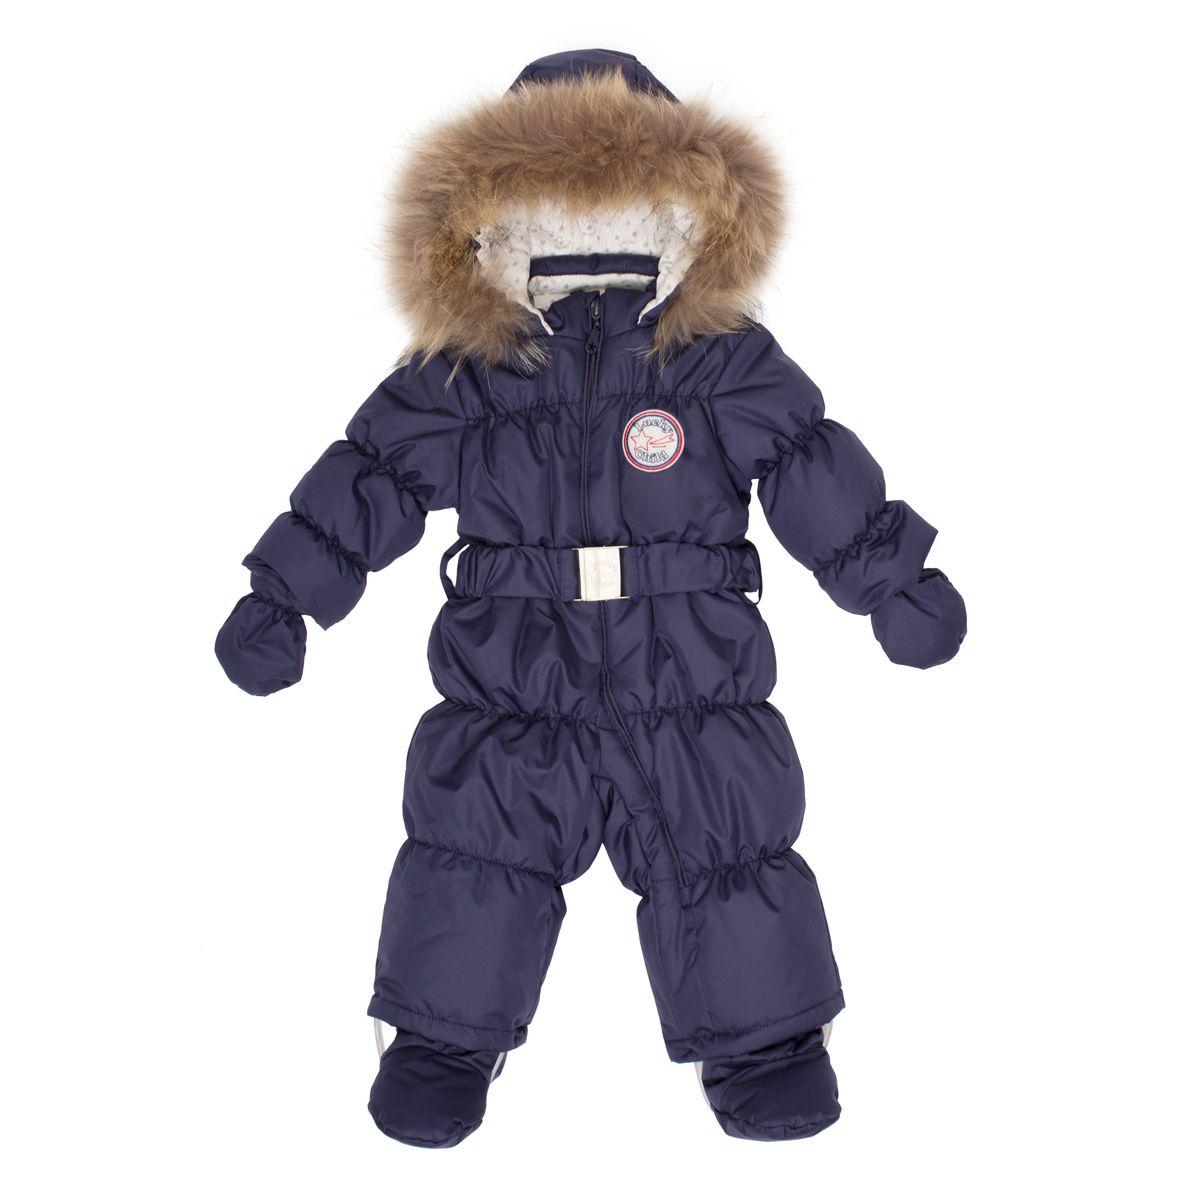 Комбинезон для мальчика Lucky Child, цвет: синий. В1-3. Размер 68В1-3Этой зимой вашему малышу предстоит впервые увидеть снег? Подберите для этого важного знакомства удобный и тёплый комбинезон Lucky Child! Он выполнен из курточной ткани с влагостойкой пропиткой, а значит, не промокнет, даже если Ваша кроха, знакомясь со снегом, решит нырнуть в сугроб. Наполнитель – лёгкий и тёплый Isosoft, который позволит ребёнку не мёрзнуть при температуре до -30° и при этом вести активную деятельность во время прогулки. Трикотажная подкладка (кулирка) обладает воздухопроницаемыми и водоотводными свойствами, что очень важно, если малыш вспотеет. Капюшон оторочен натуральным мехом енота. Ножки и ручки малыша утеплят отстёгивающиеся варежки и сапожки.